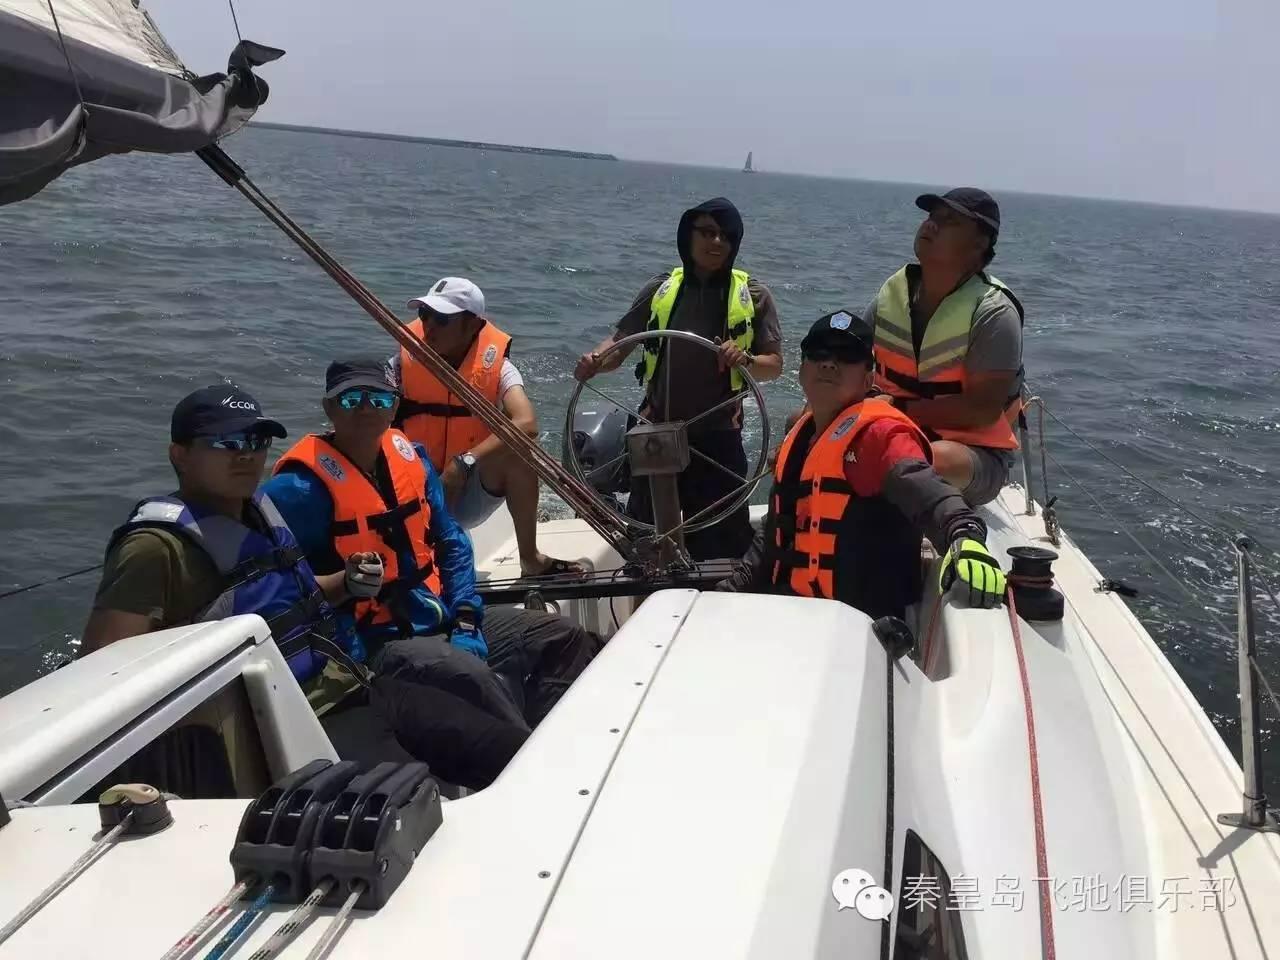 从这里出发,收获的绝不仅仅是一本游艇帆船驾驶证,还有... 1d57b66e6485b490cb2ad34d577d3da6.jpg